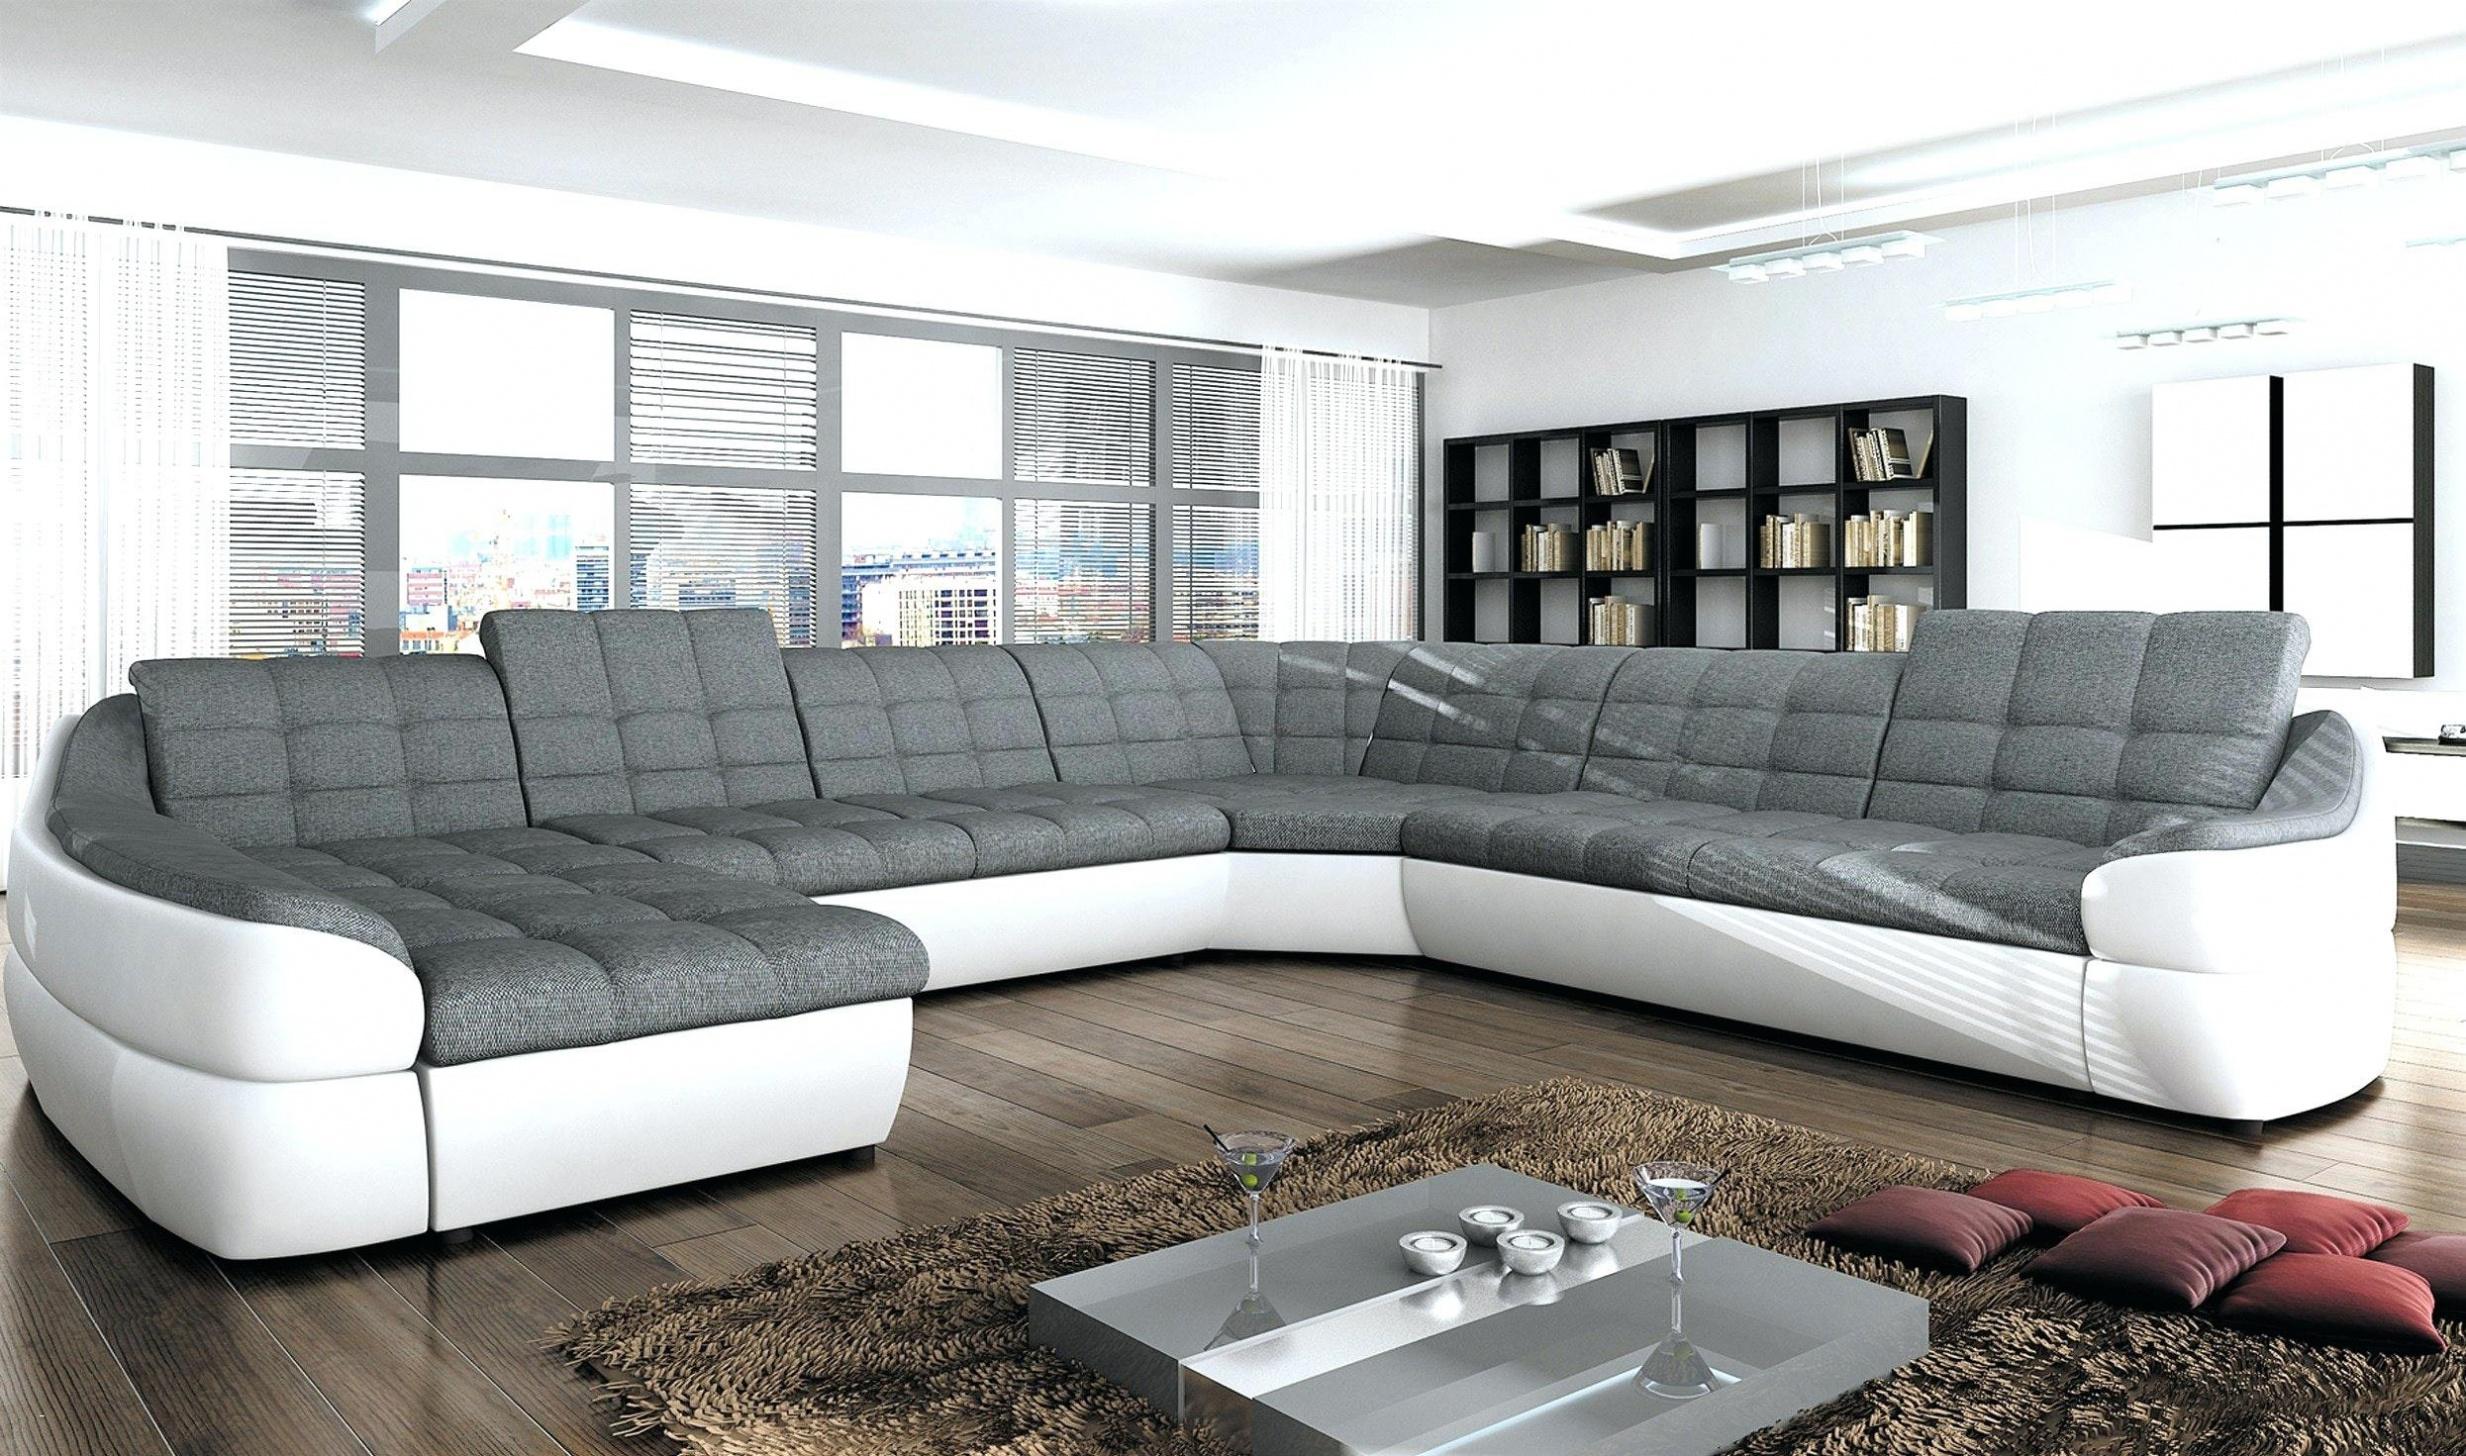 Canapé D Angle Convertible Pas Cher Belgique Beau Photographie Maha S Couch 7 Places Home Mahagranda